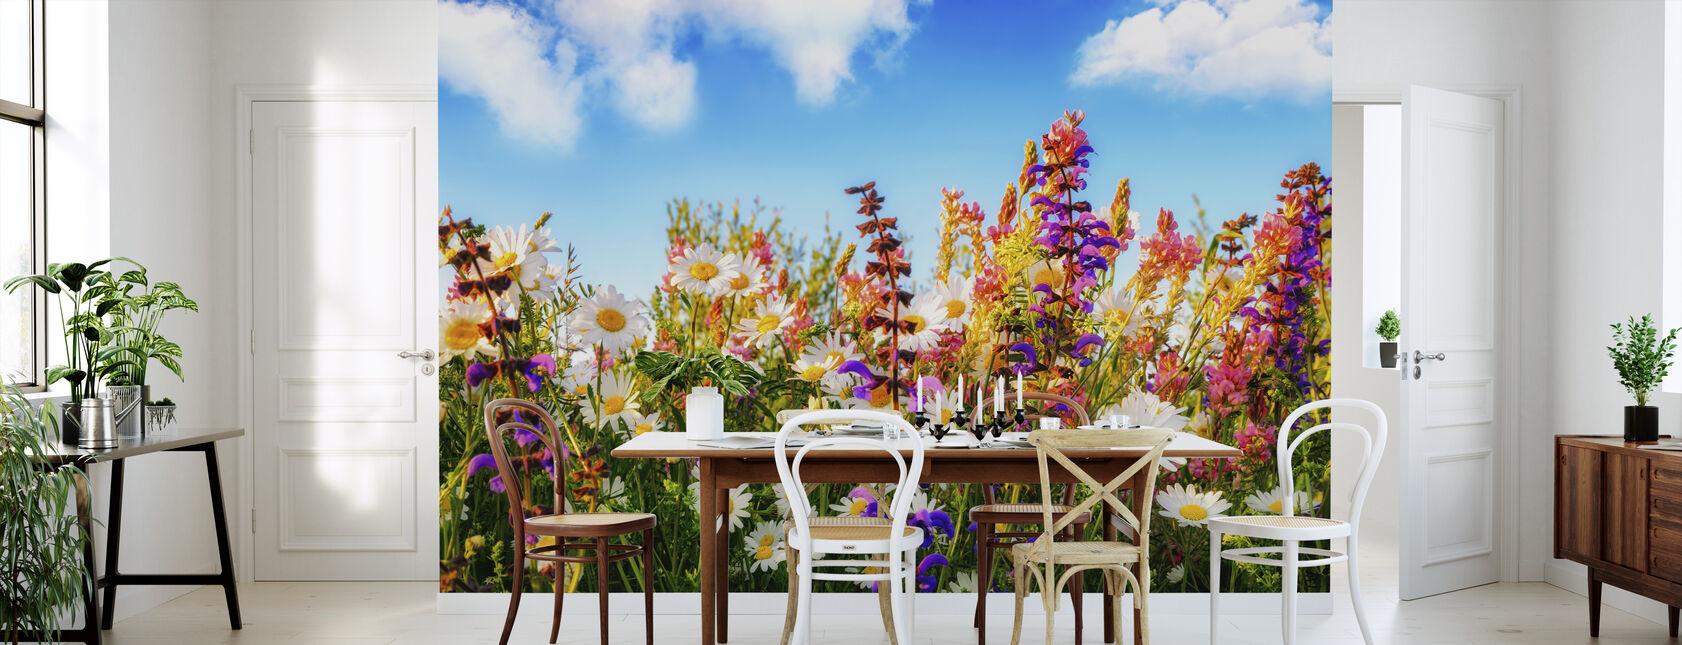 Flowers on a Meadow - Wallpaper - Kitchen